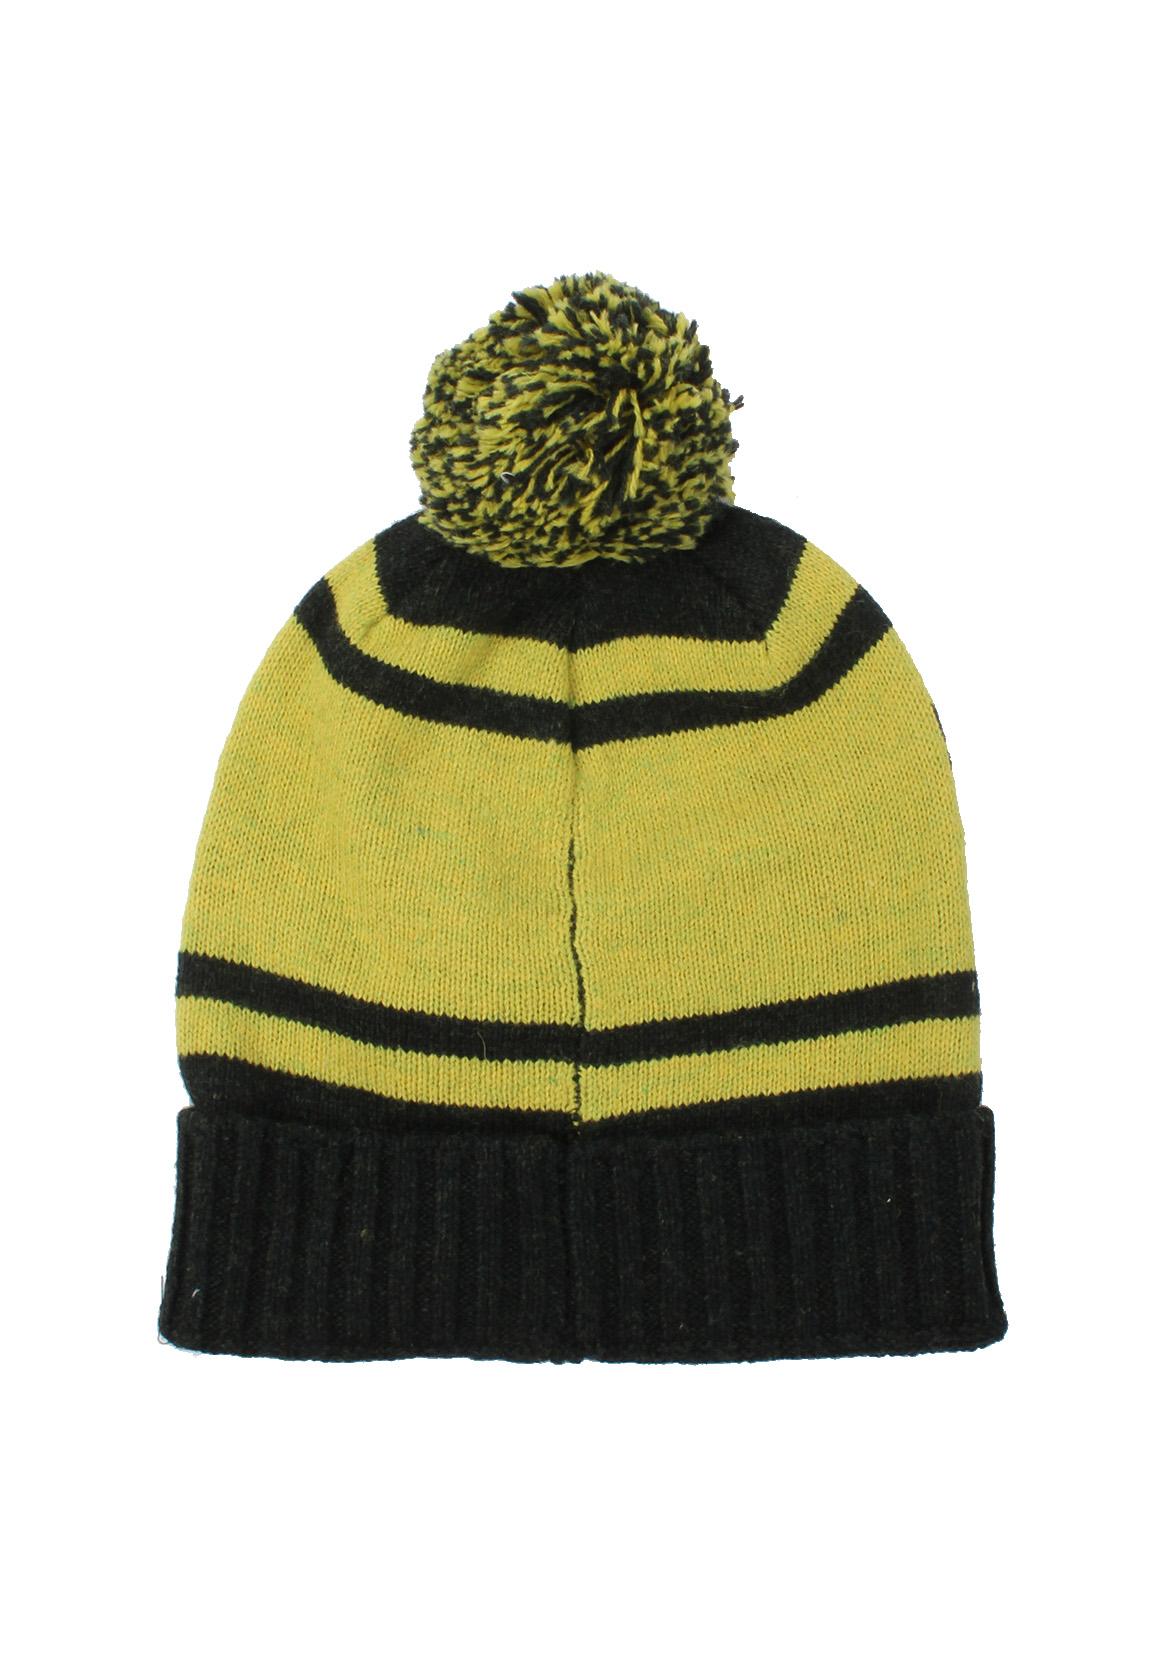 Scotch   Soda Pompom Hat 101823 Black Yellow 17 8719031301179  542a58b6450